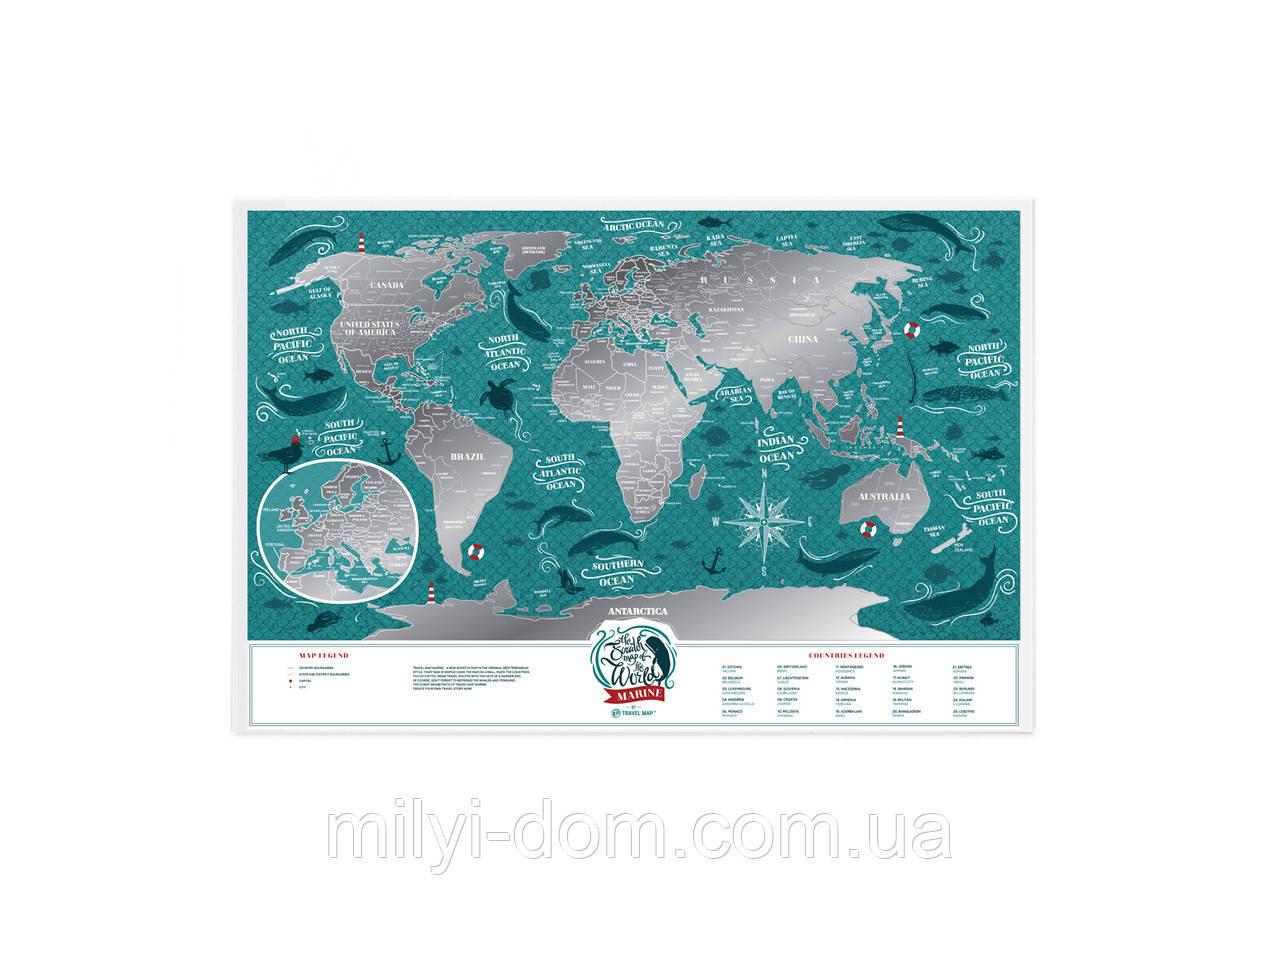 Скретч карта мира Travel Map «Marine World»  (на английском языке)